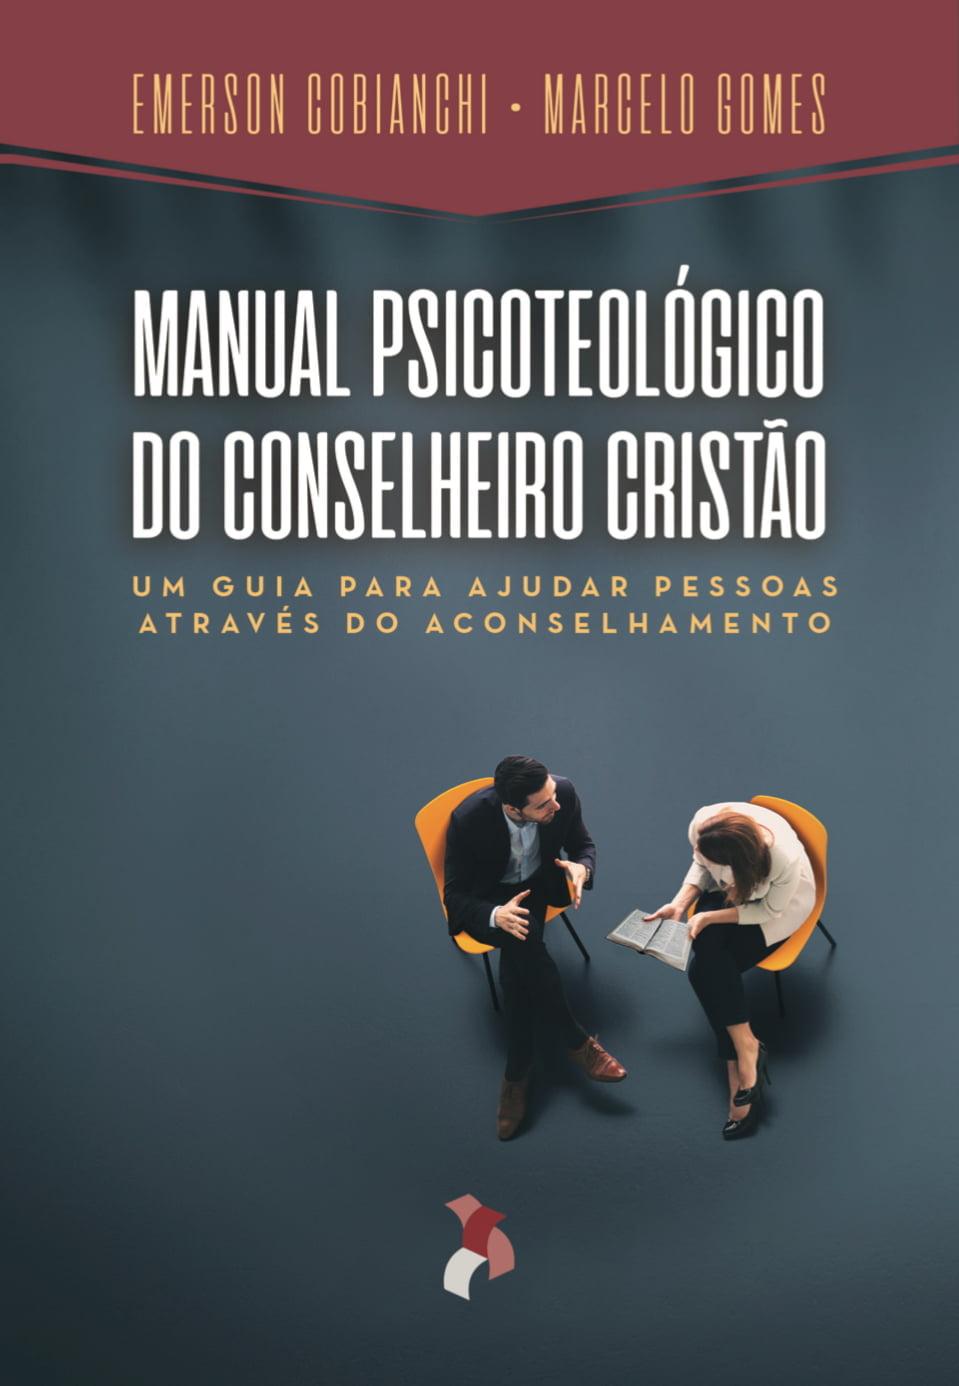 MANUAL PSICOTEOLÓGICO DO CONSELHEIRO CRISTÃO